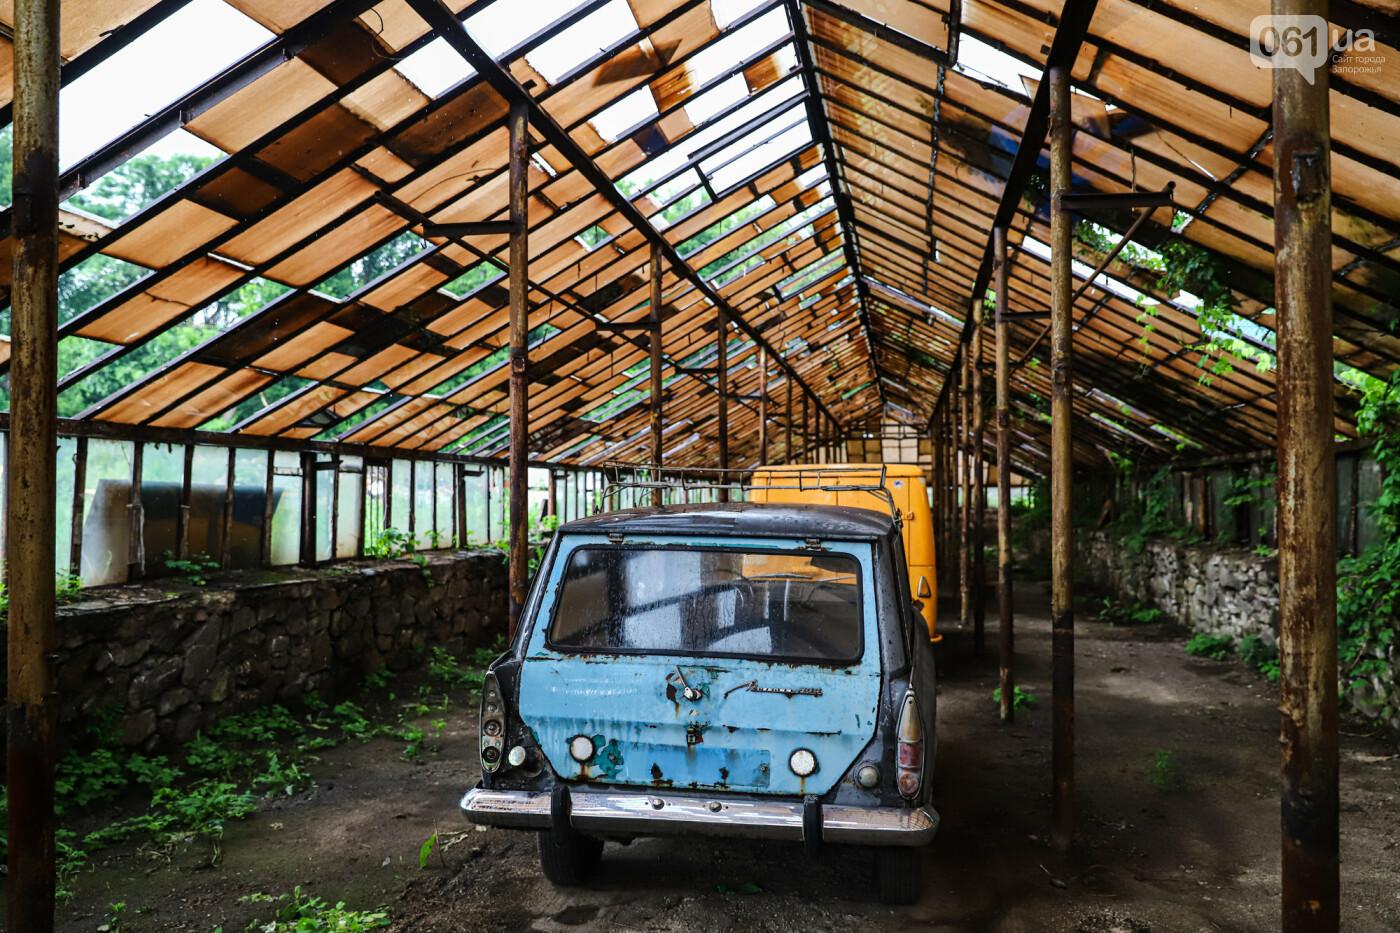 В Запорожье на месте зеленхоза одного из заводов появится Музей специального транспорта, - ФОТОРЕПОРТАЖ, фото-40